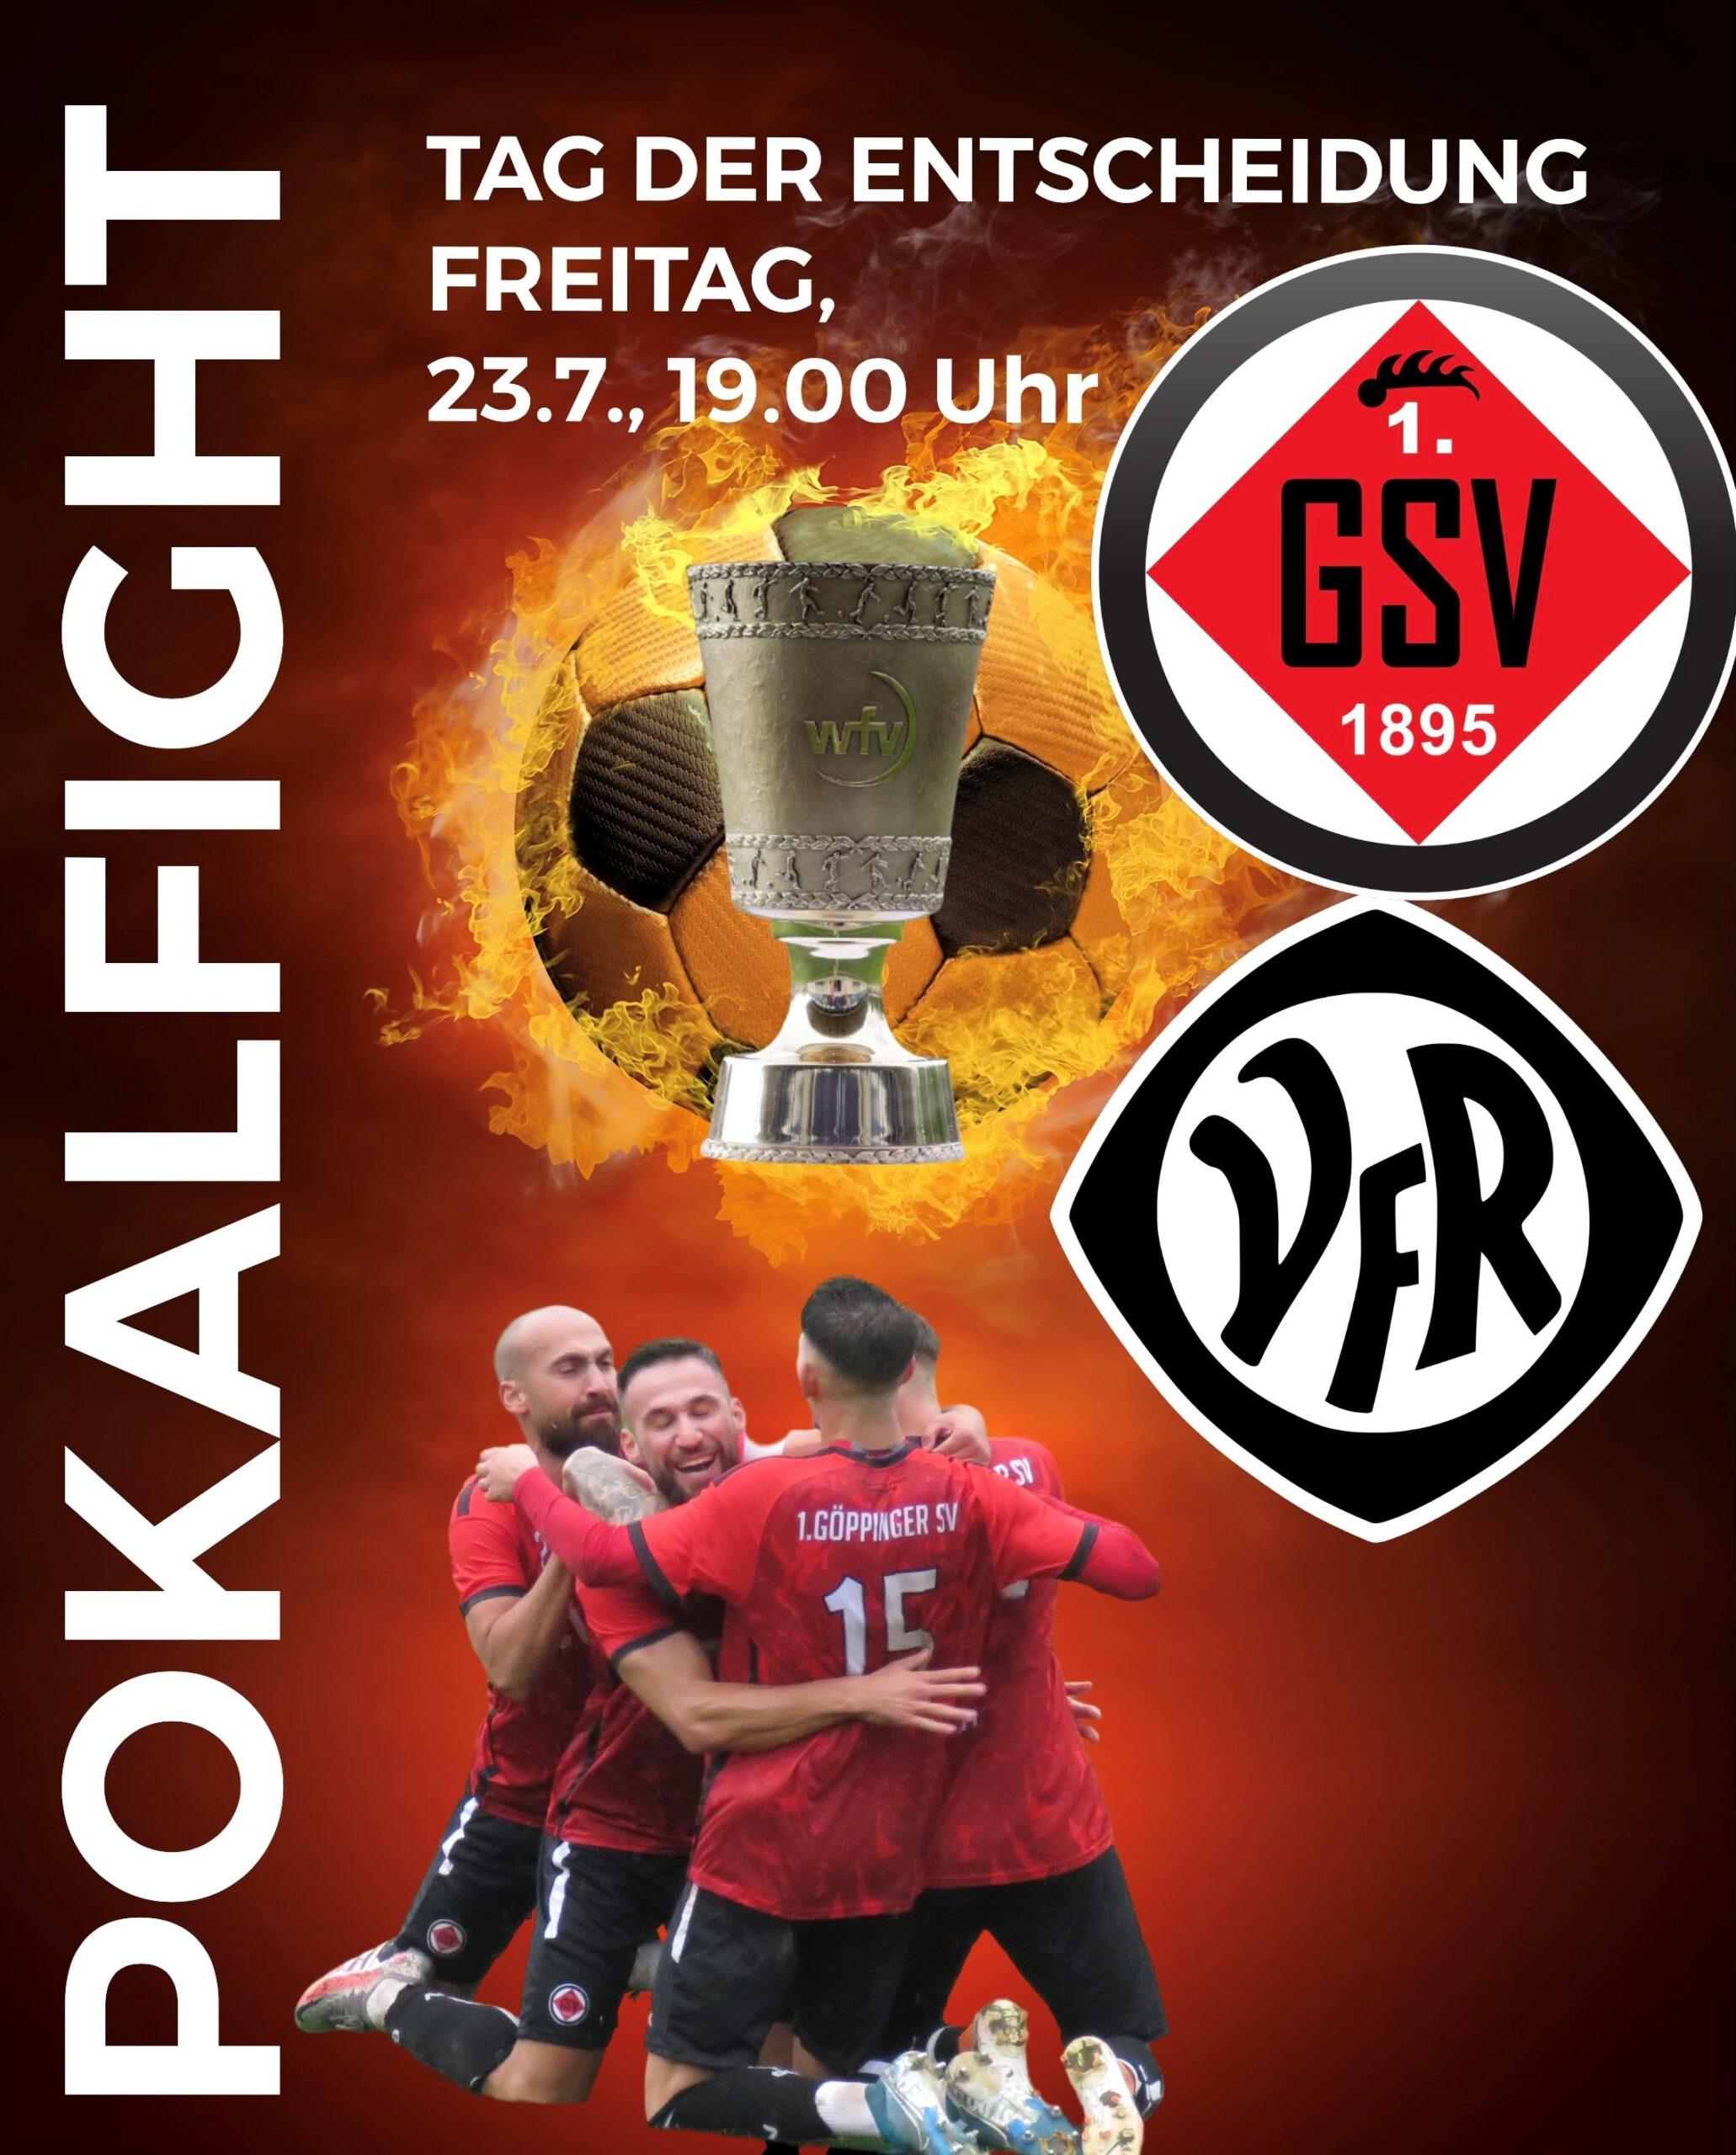 Ticket Pokal 1. GSV Göppingen vs VfR Aalen